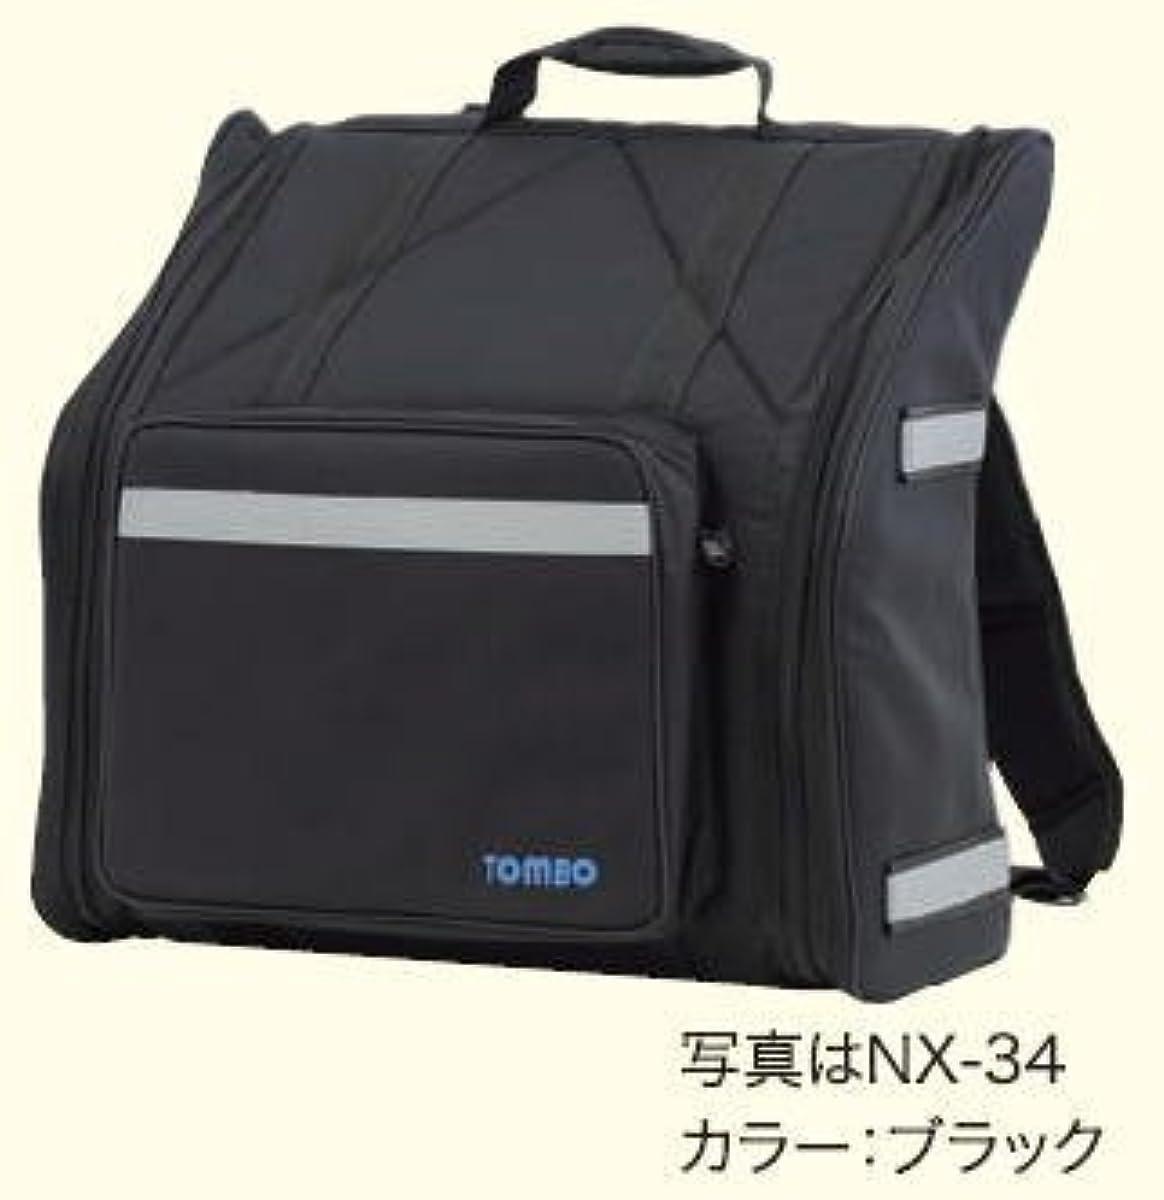 TOMBO/아코디언・소프트 케이스 41 건용 NX-41 【잠자리】-